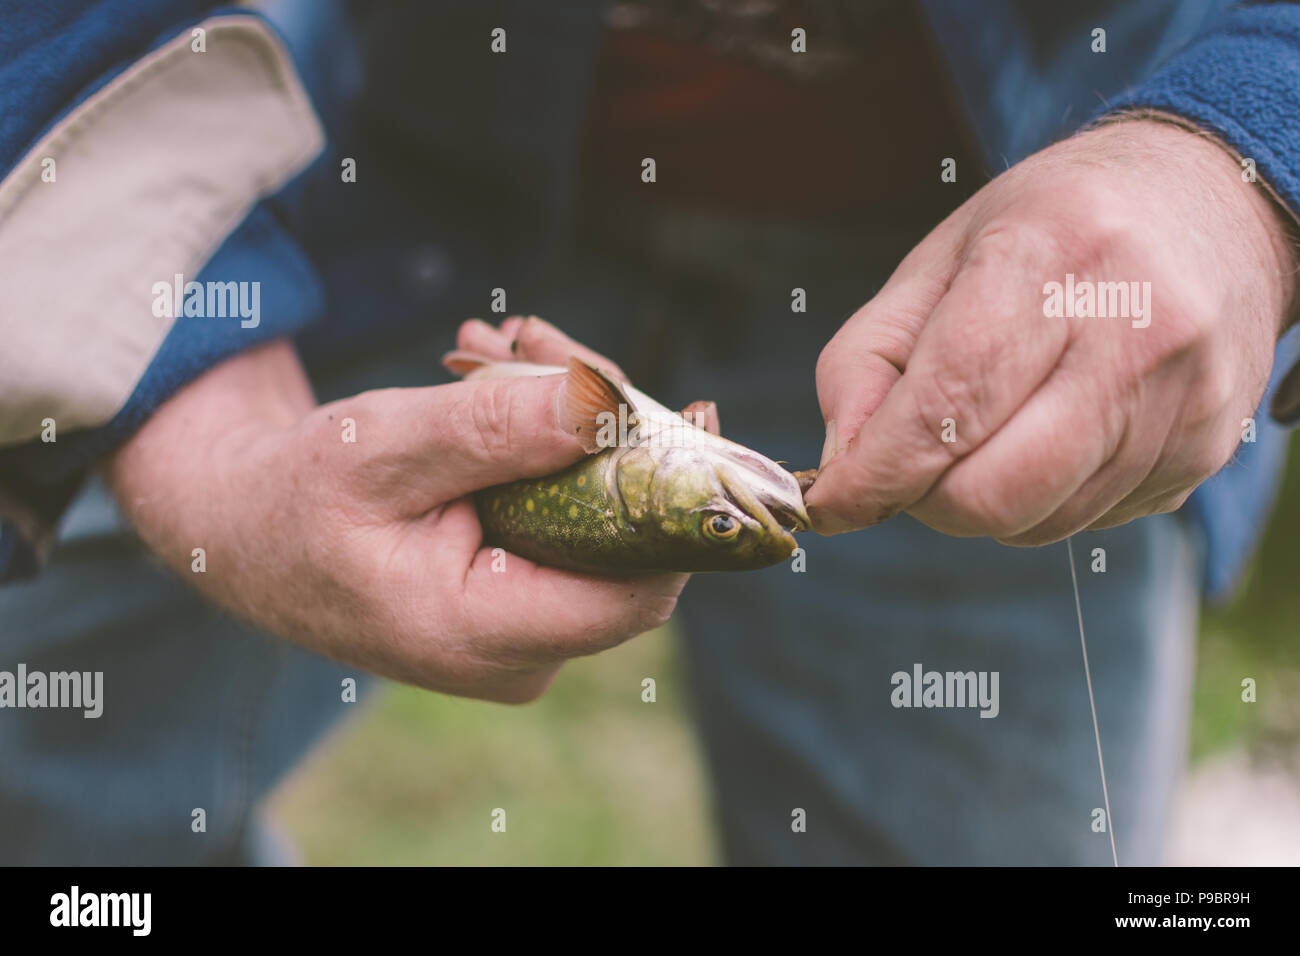 Rimozione di un gancio da un pesce - cattura e rilascio Immagini Stock